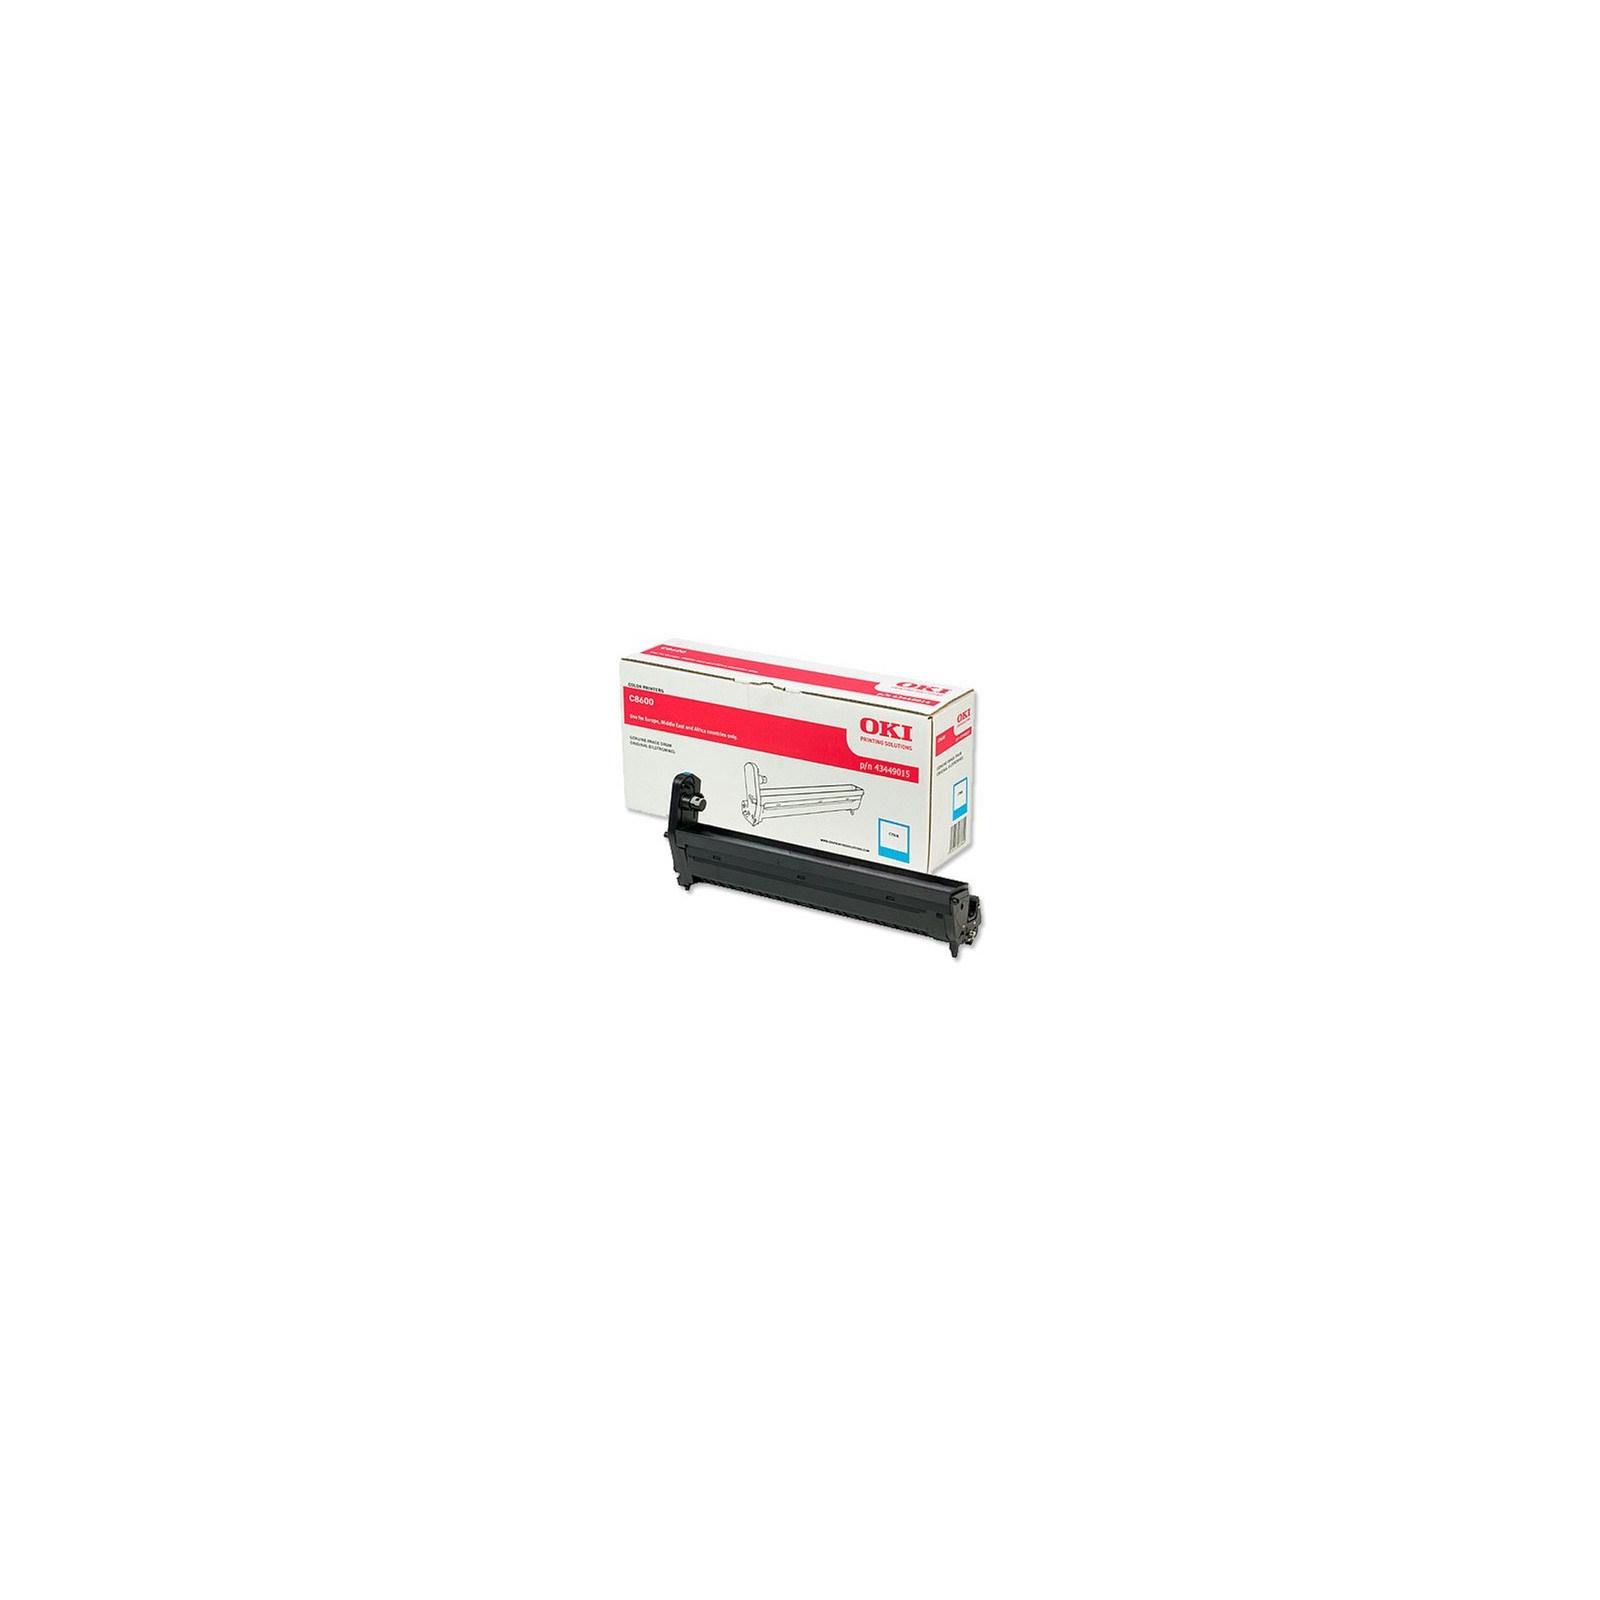 Фотокондуктор OKI C8600/8800 Cyan (43449015)